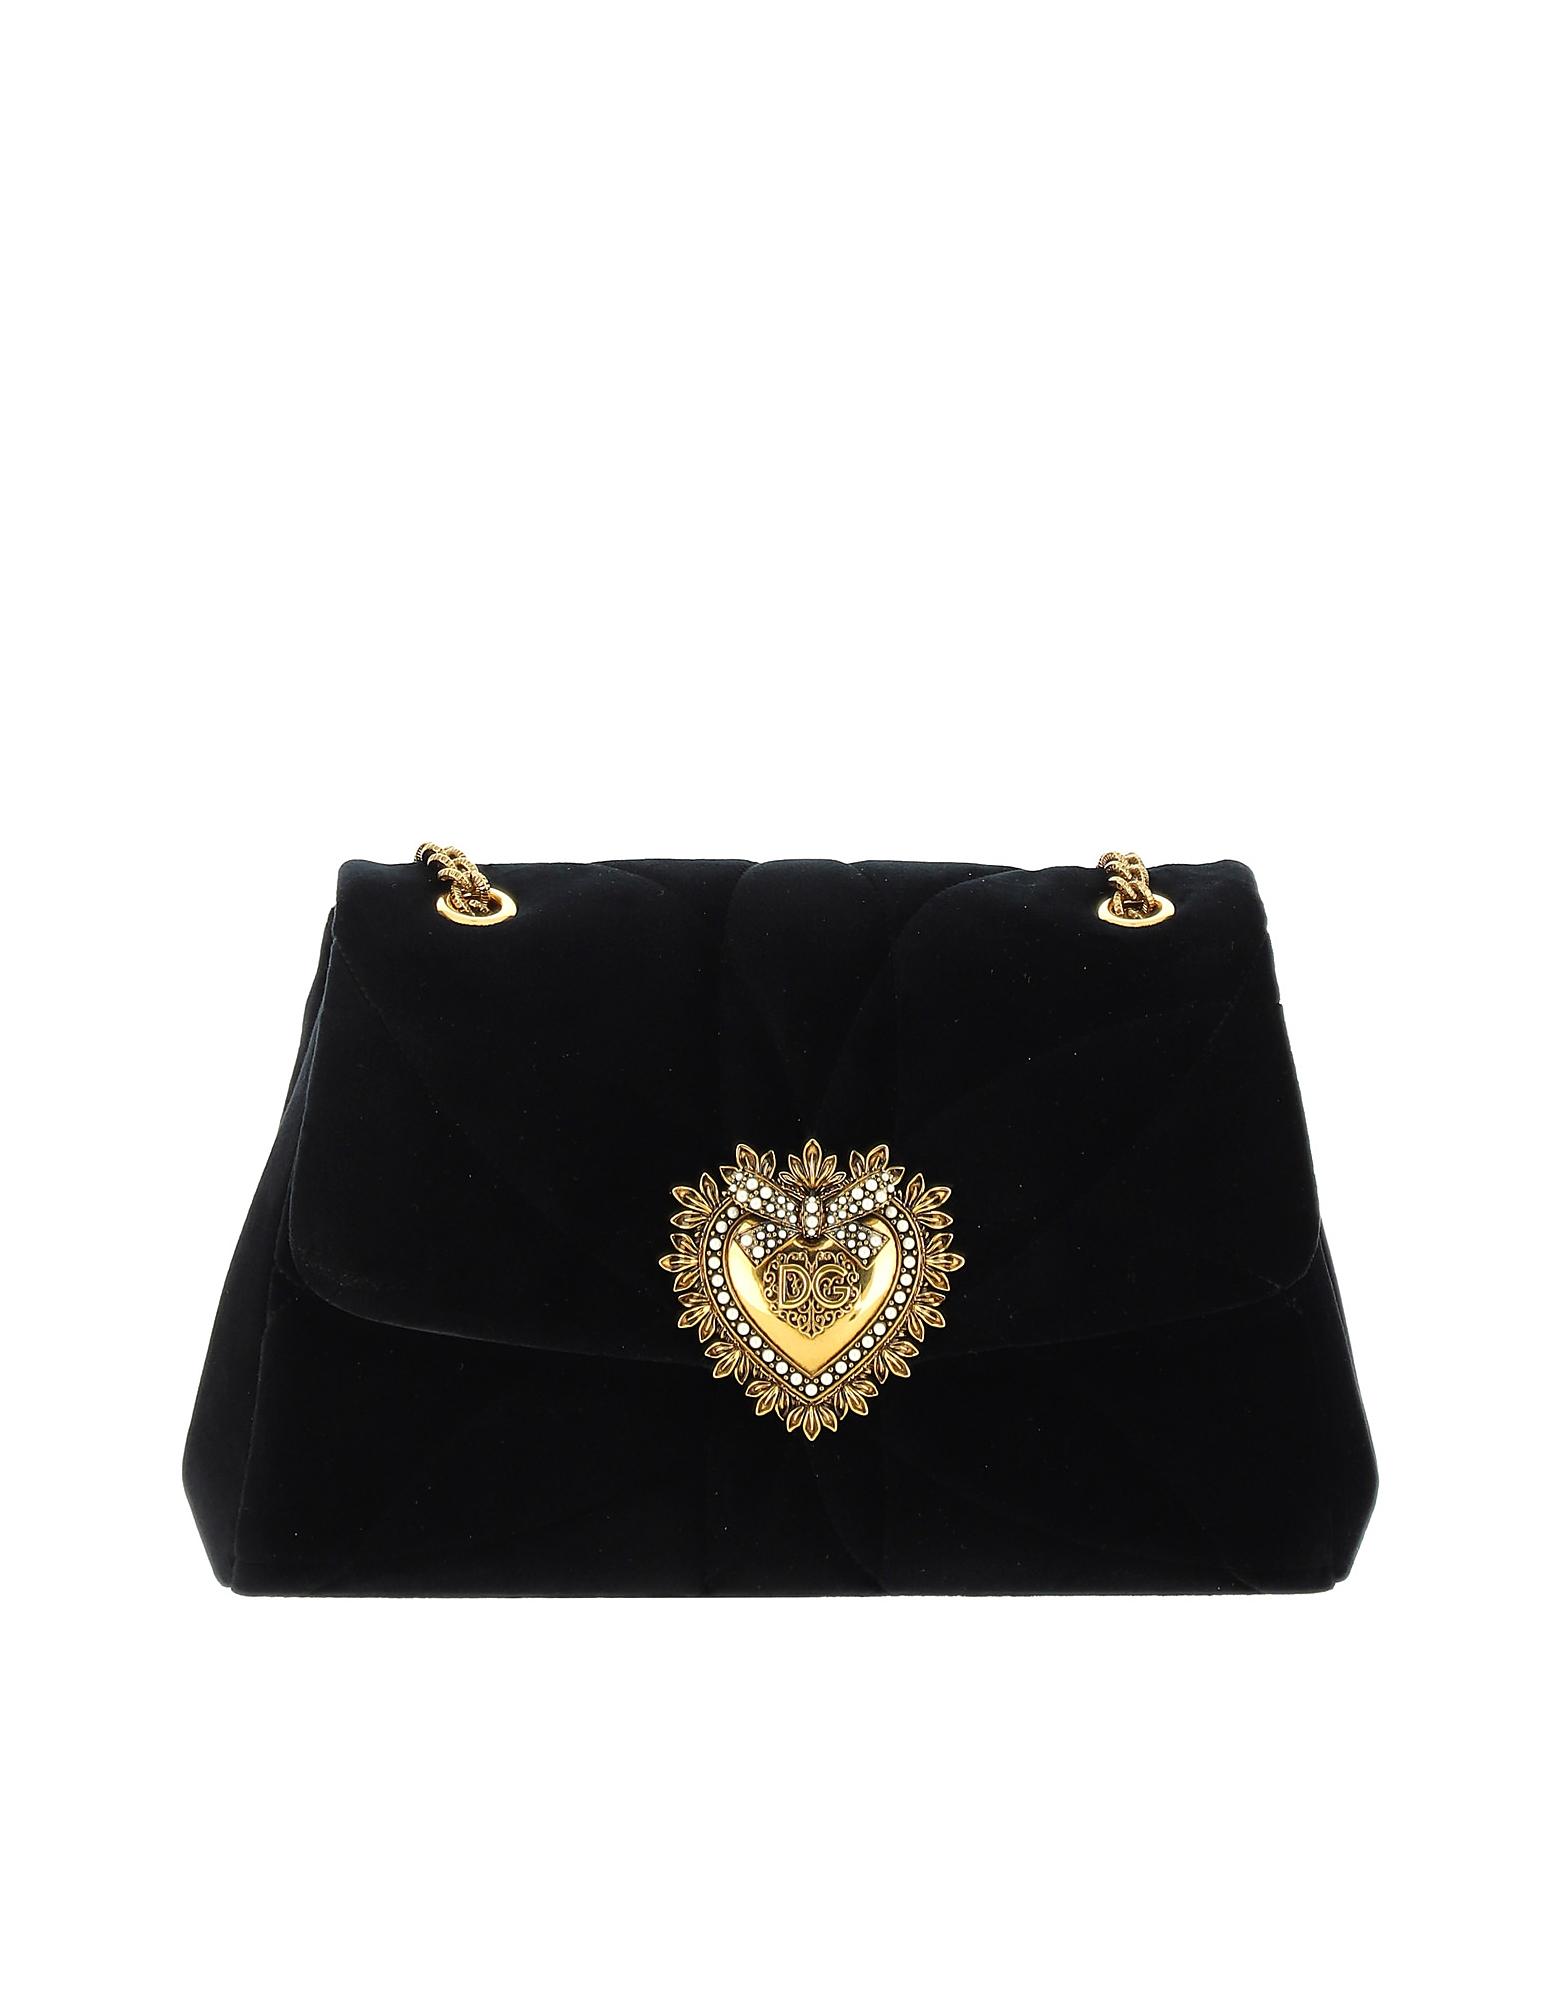 Dolce & Gabbana Designer Handbags, Black And Grey shoulder